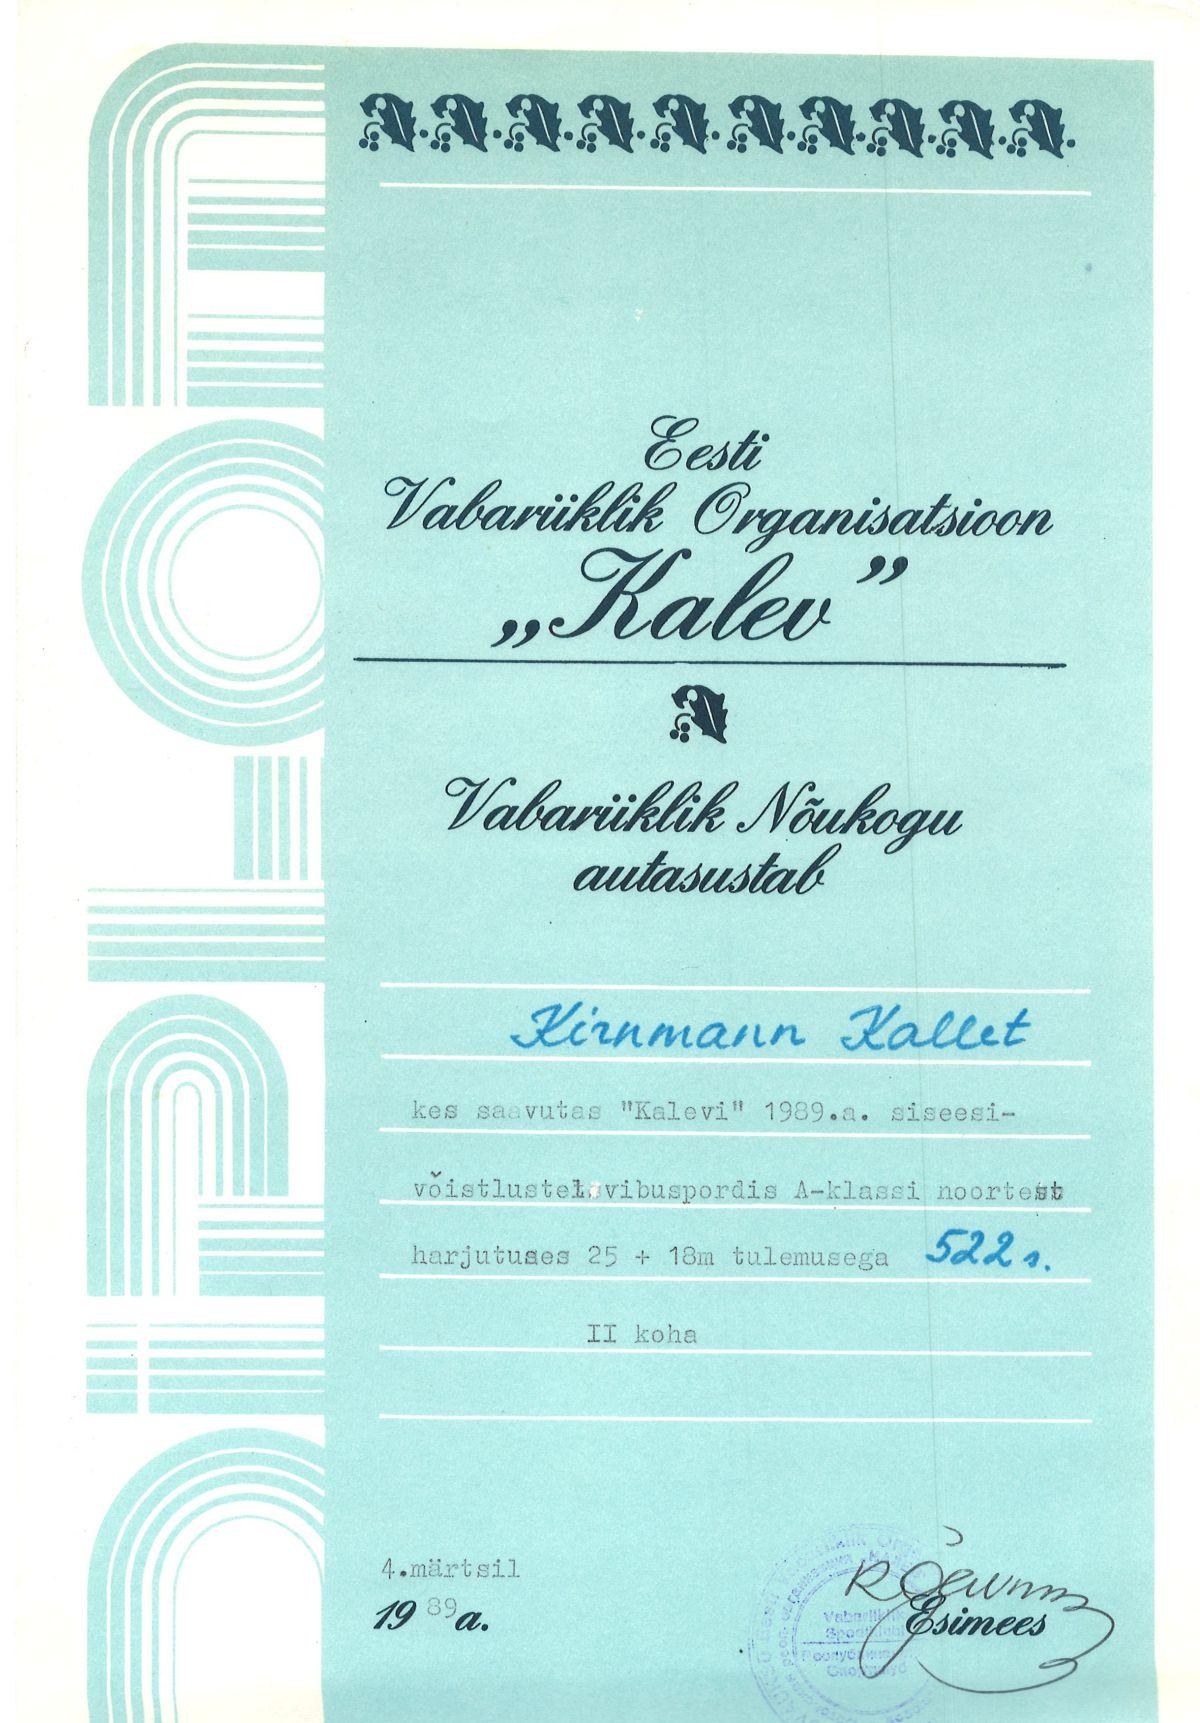 kalle11